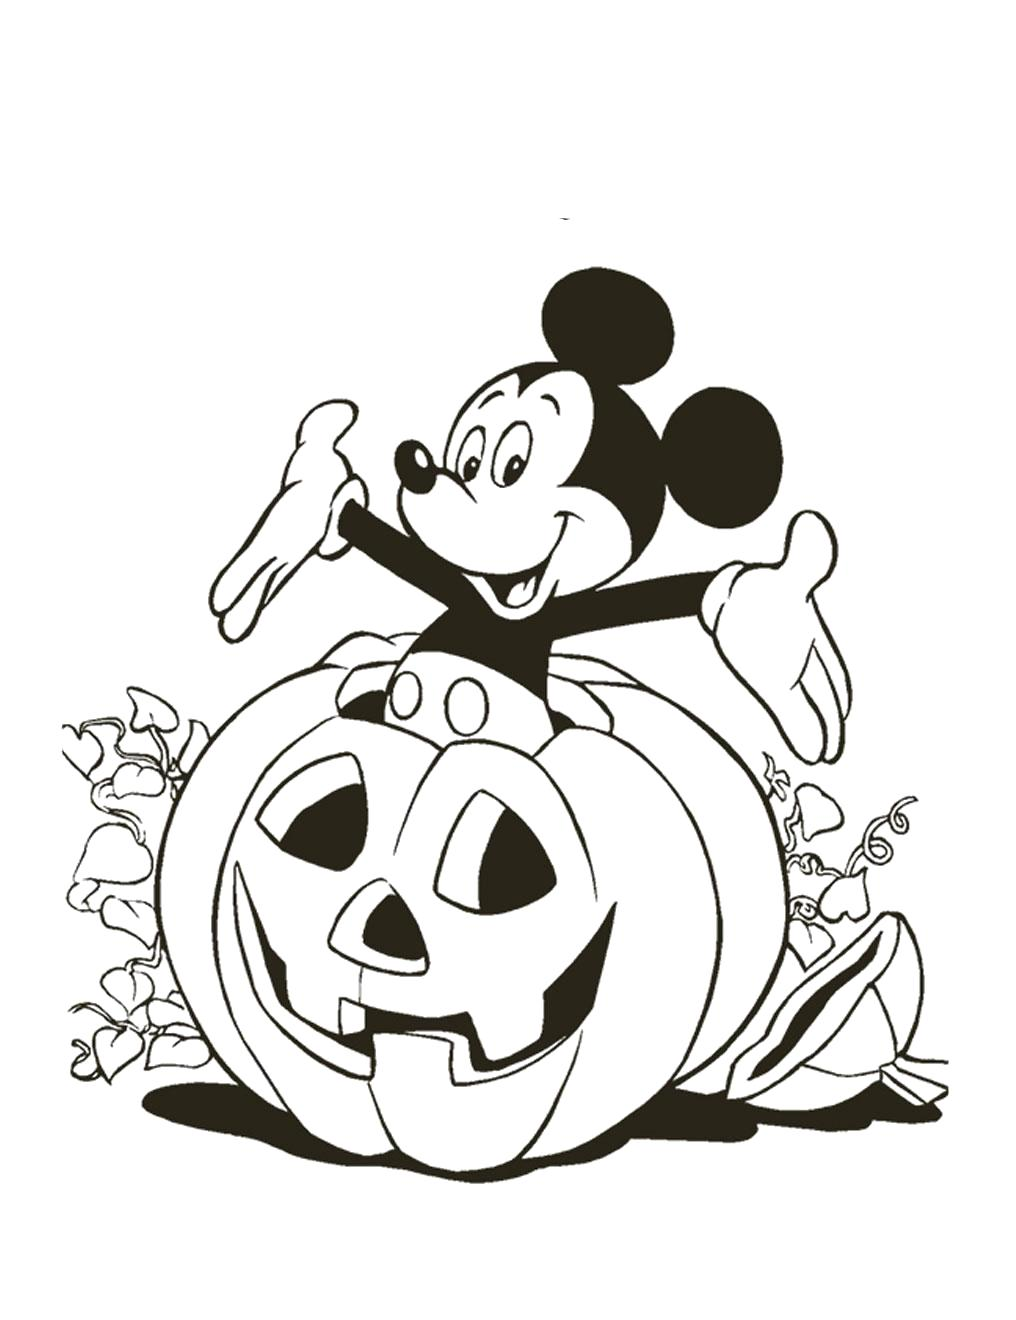 Раскраска Хэллоуин. Скачать Микки маус.  Распечатать Микки маус